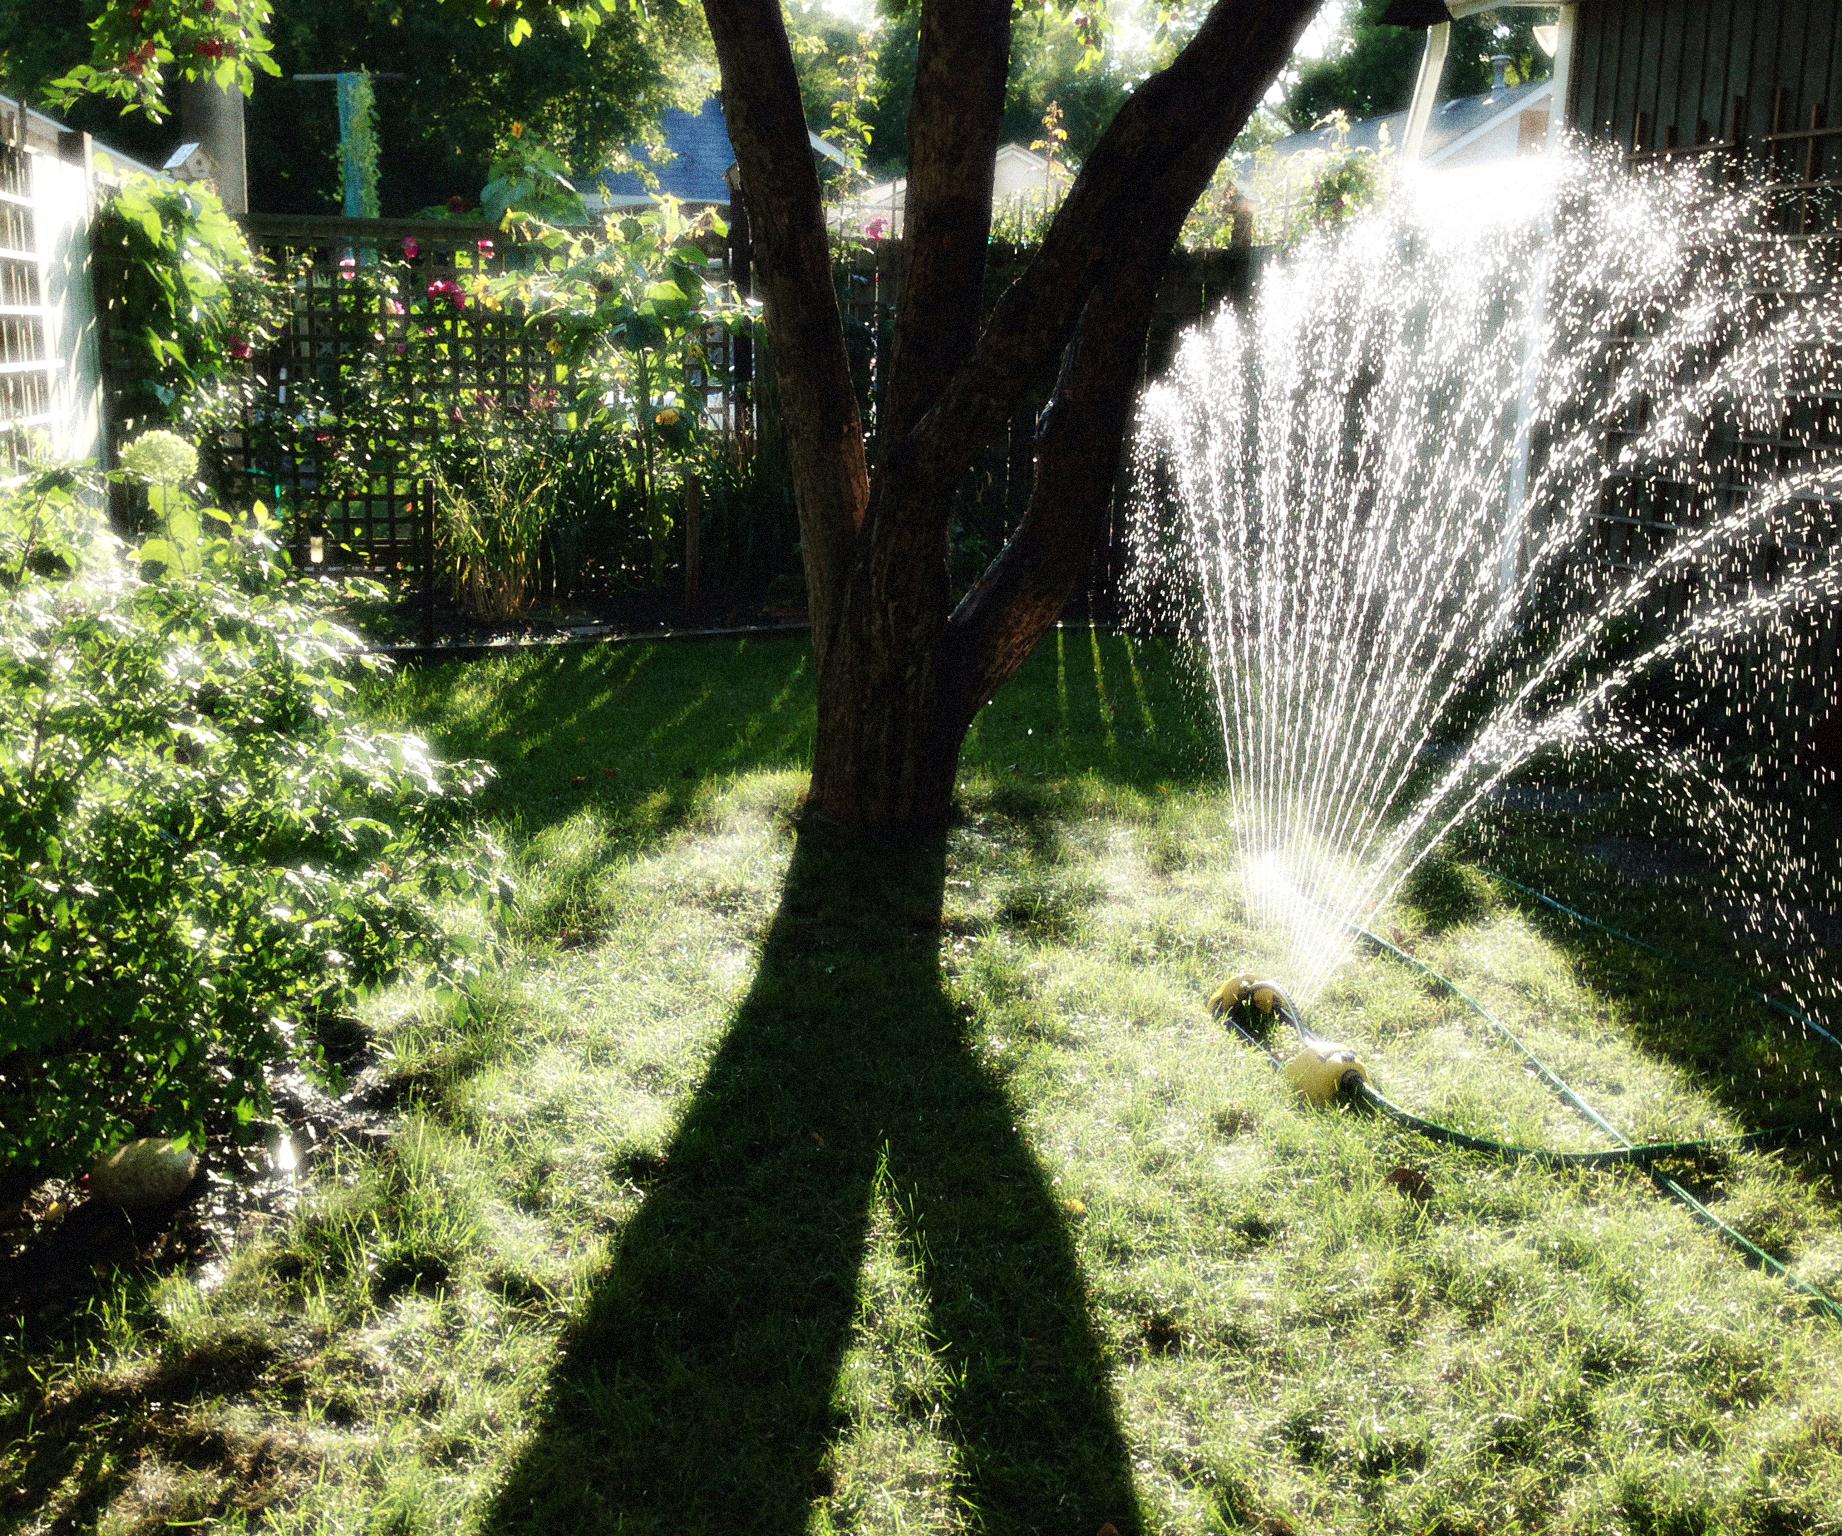 Trailing Days - Sprinkler, VHS 2014,  posted September 12, wk 12